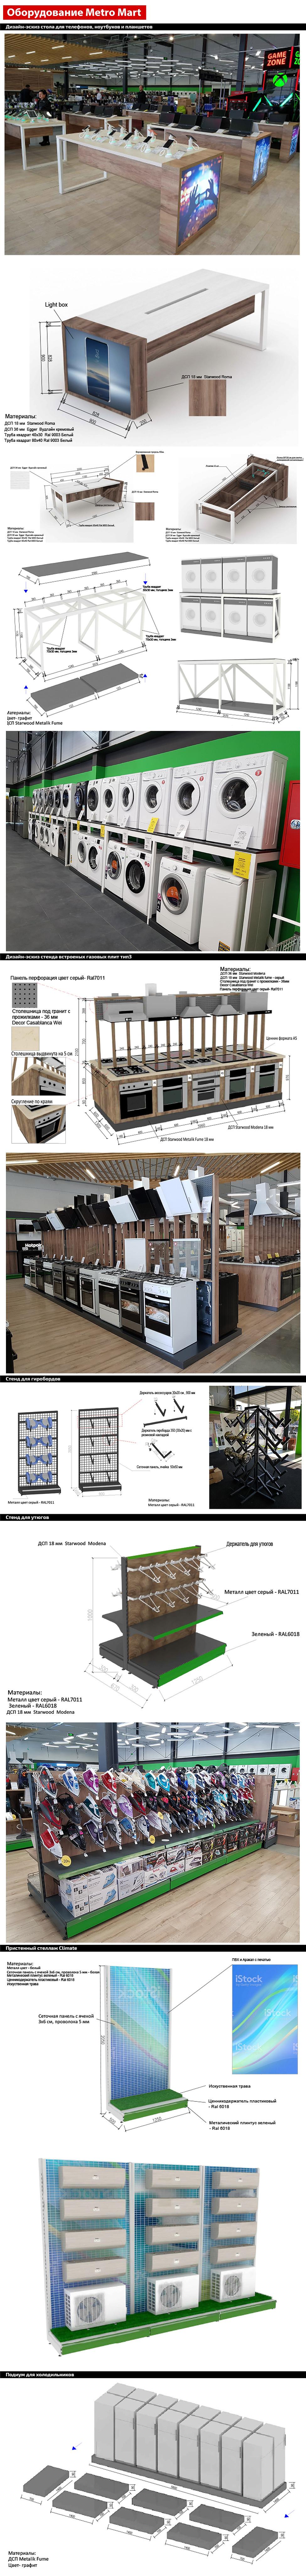 Equipment_Metromart.jpg